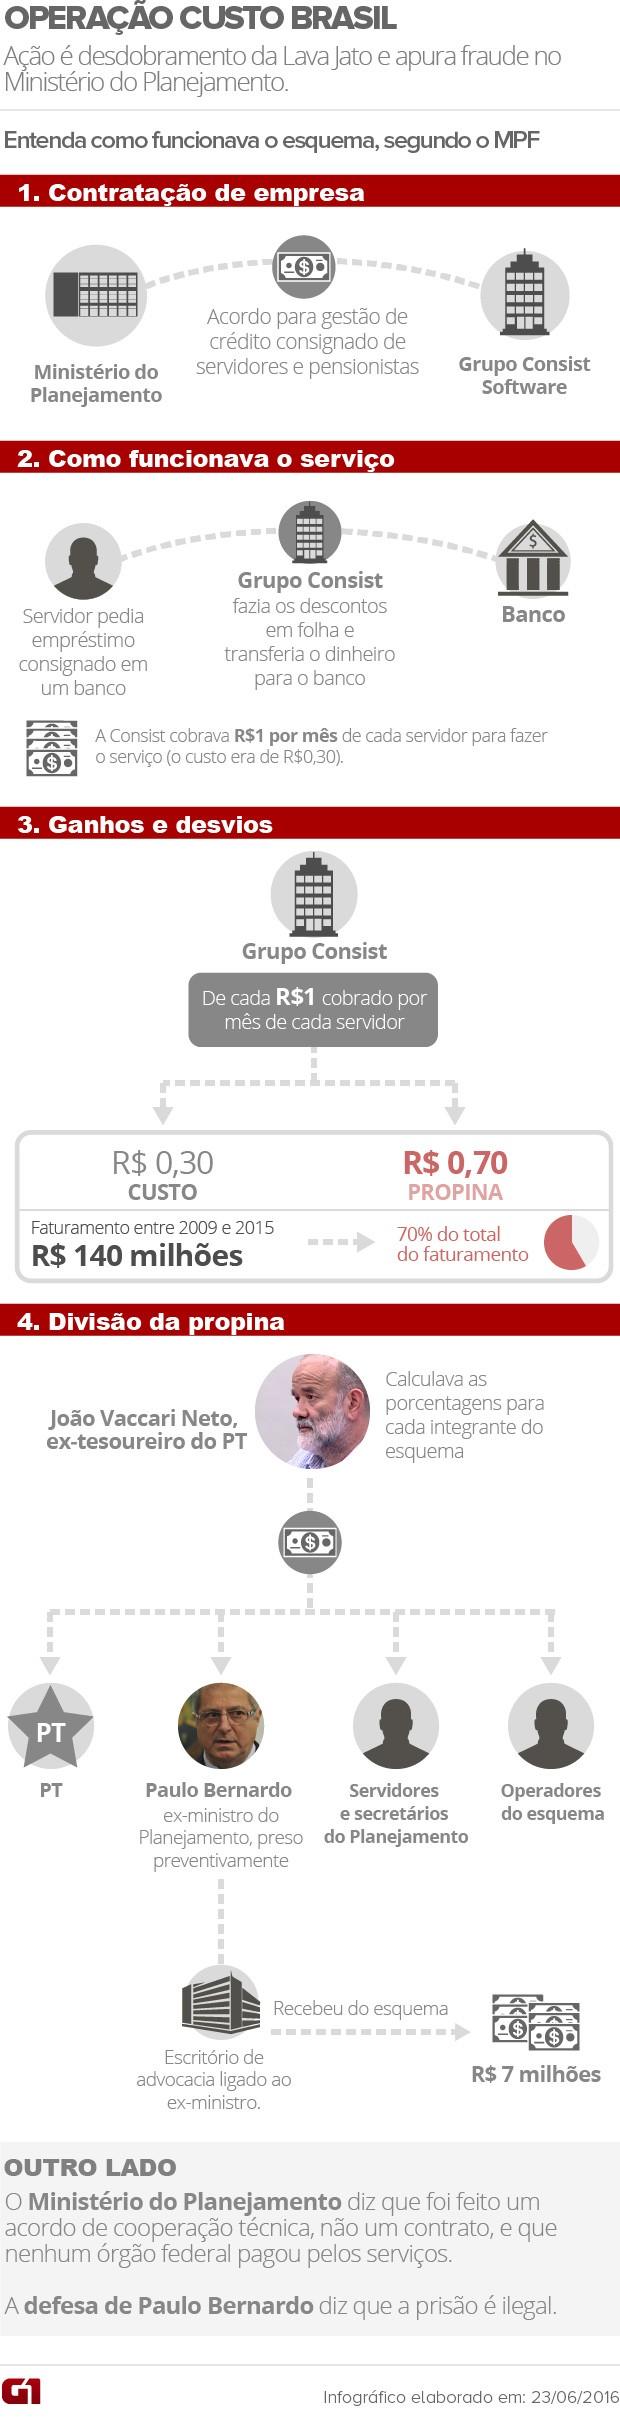 Operação Custo Brasil - ARTE (Foto: Arte/G1)